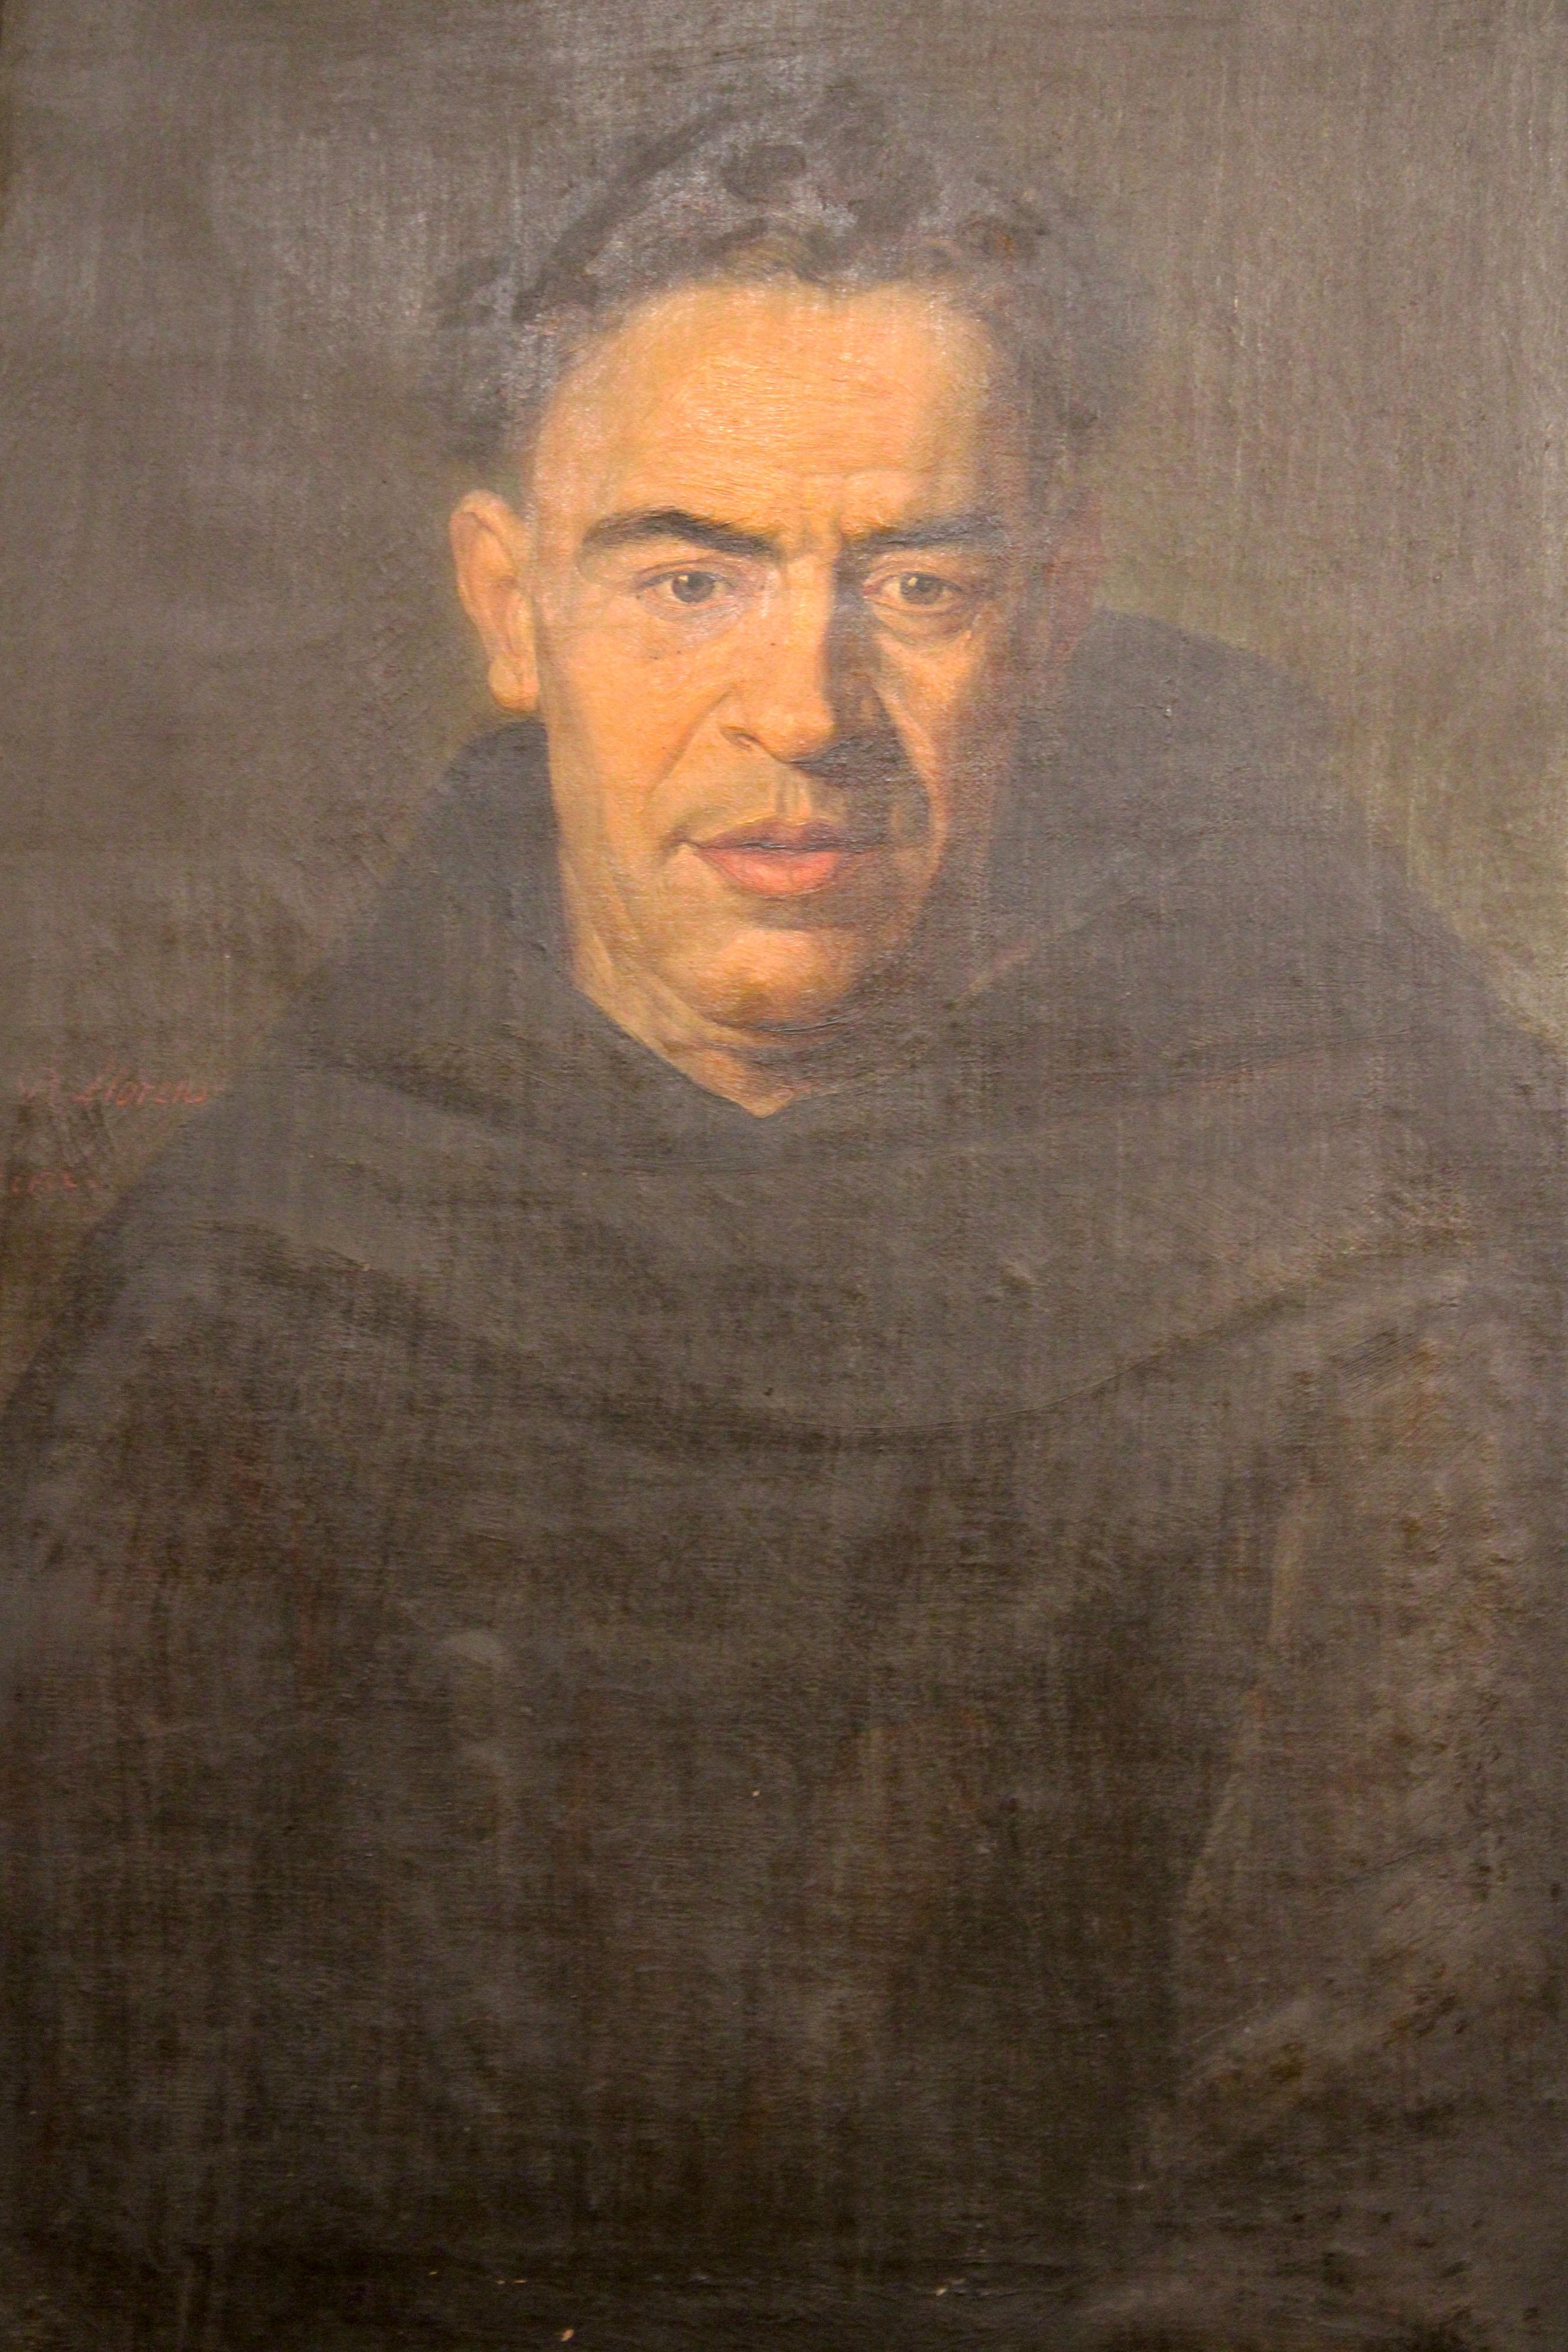 Foto El Museo Etnológico incorpora a la exposición dos nuevos cuadros del pintor Llorens